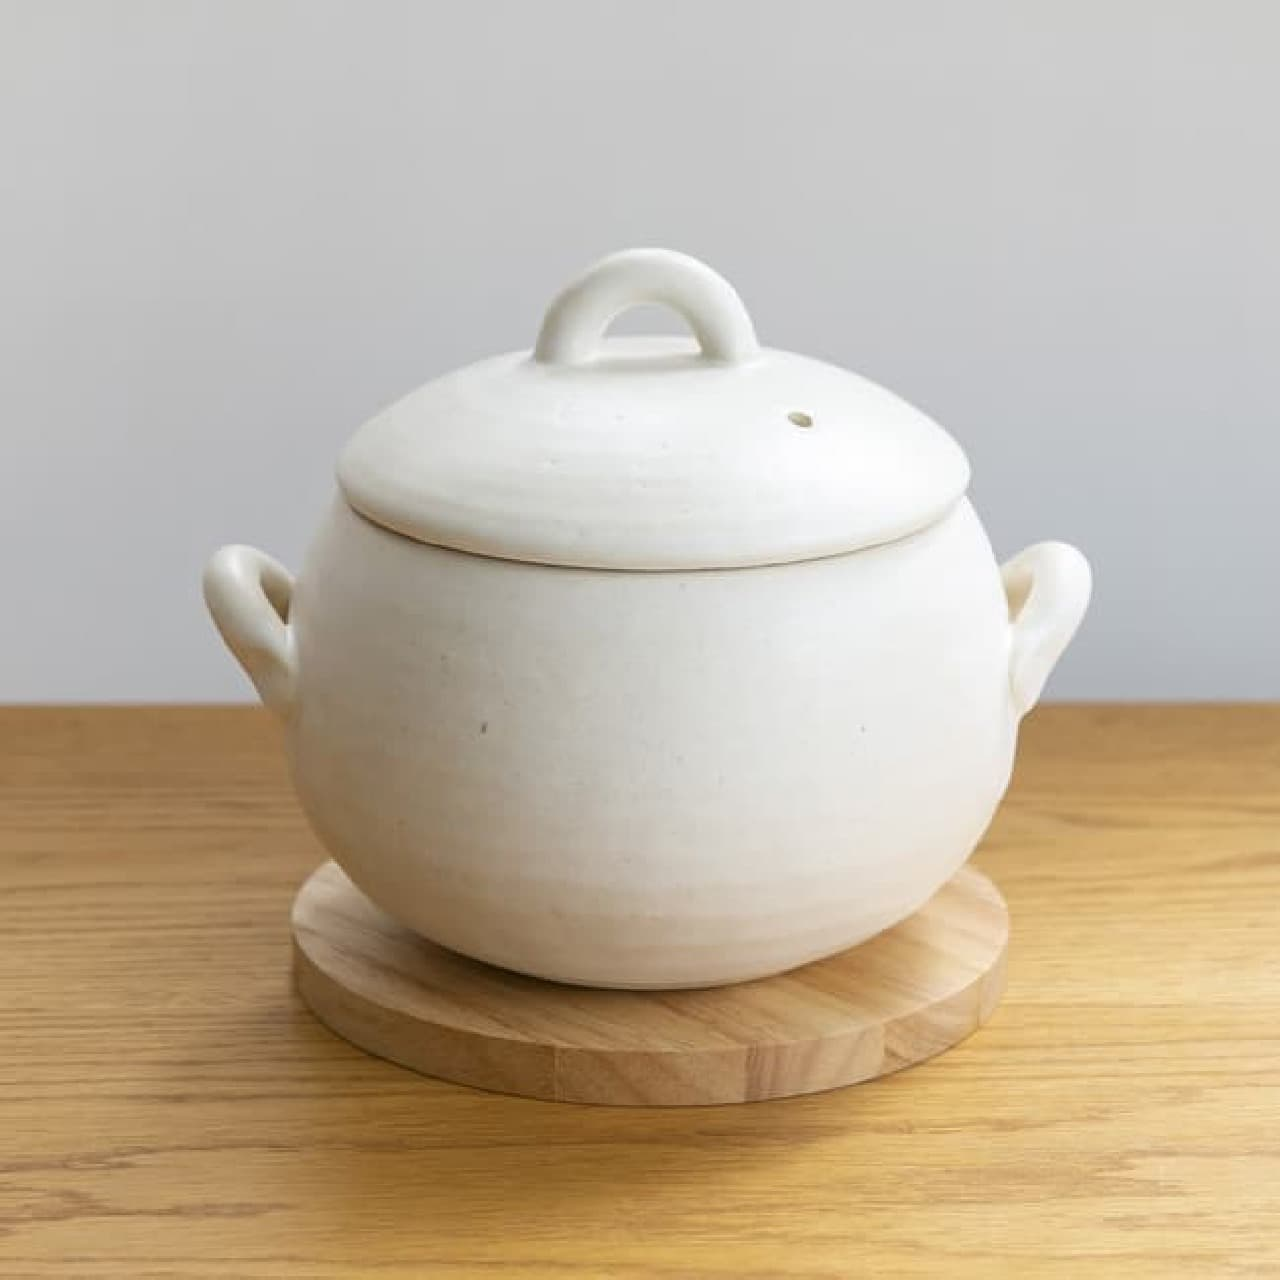 栗原はるみさんプロデュースの萬古焼「ごはん鍋」